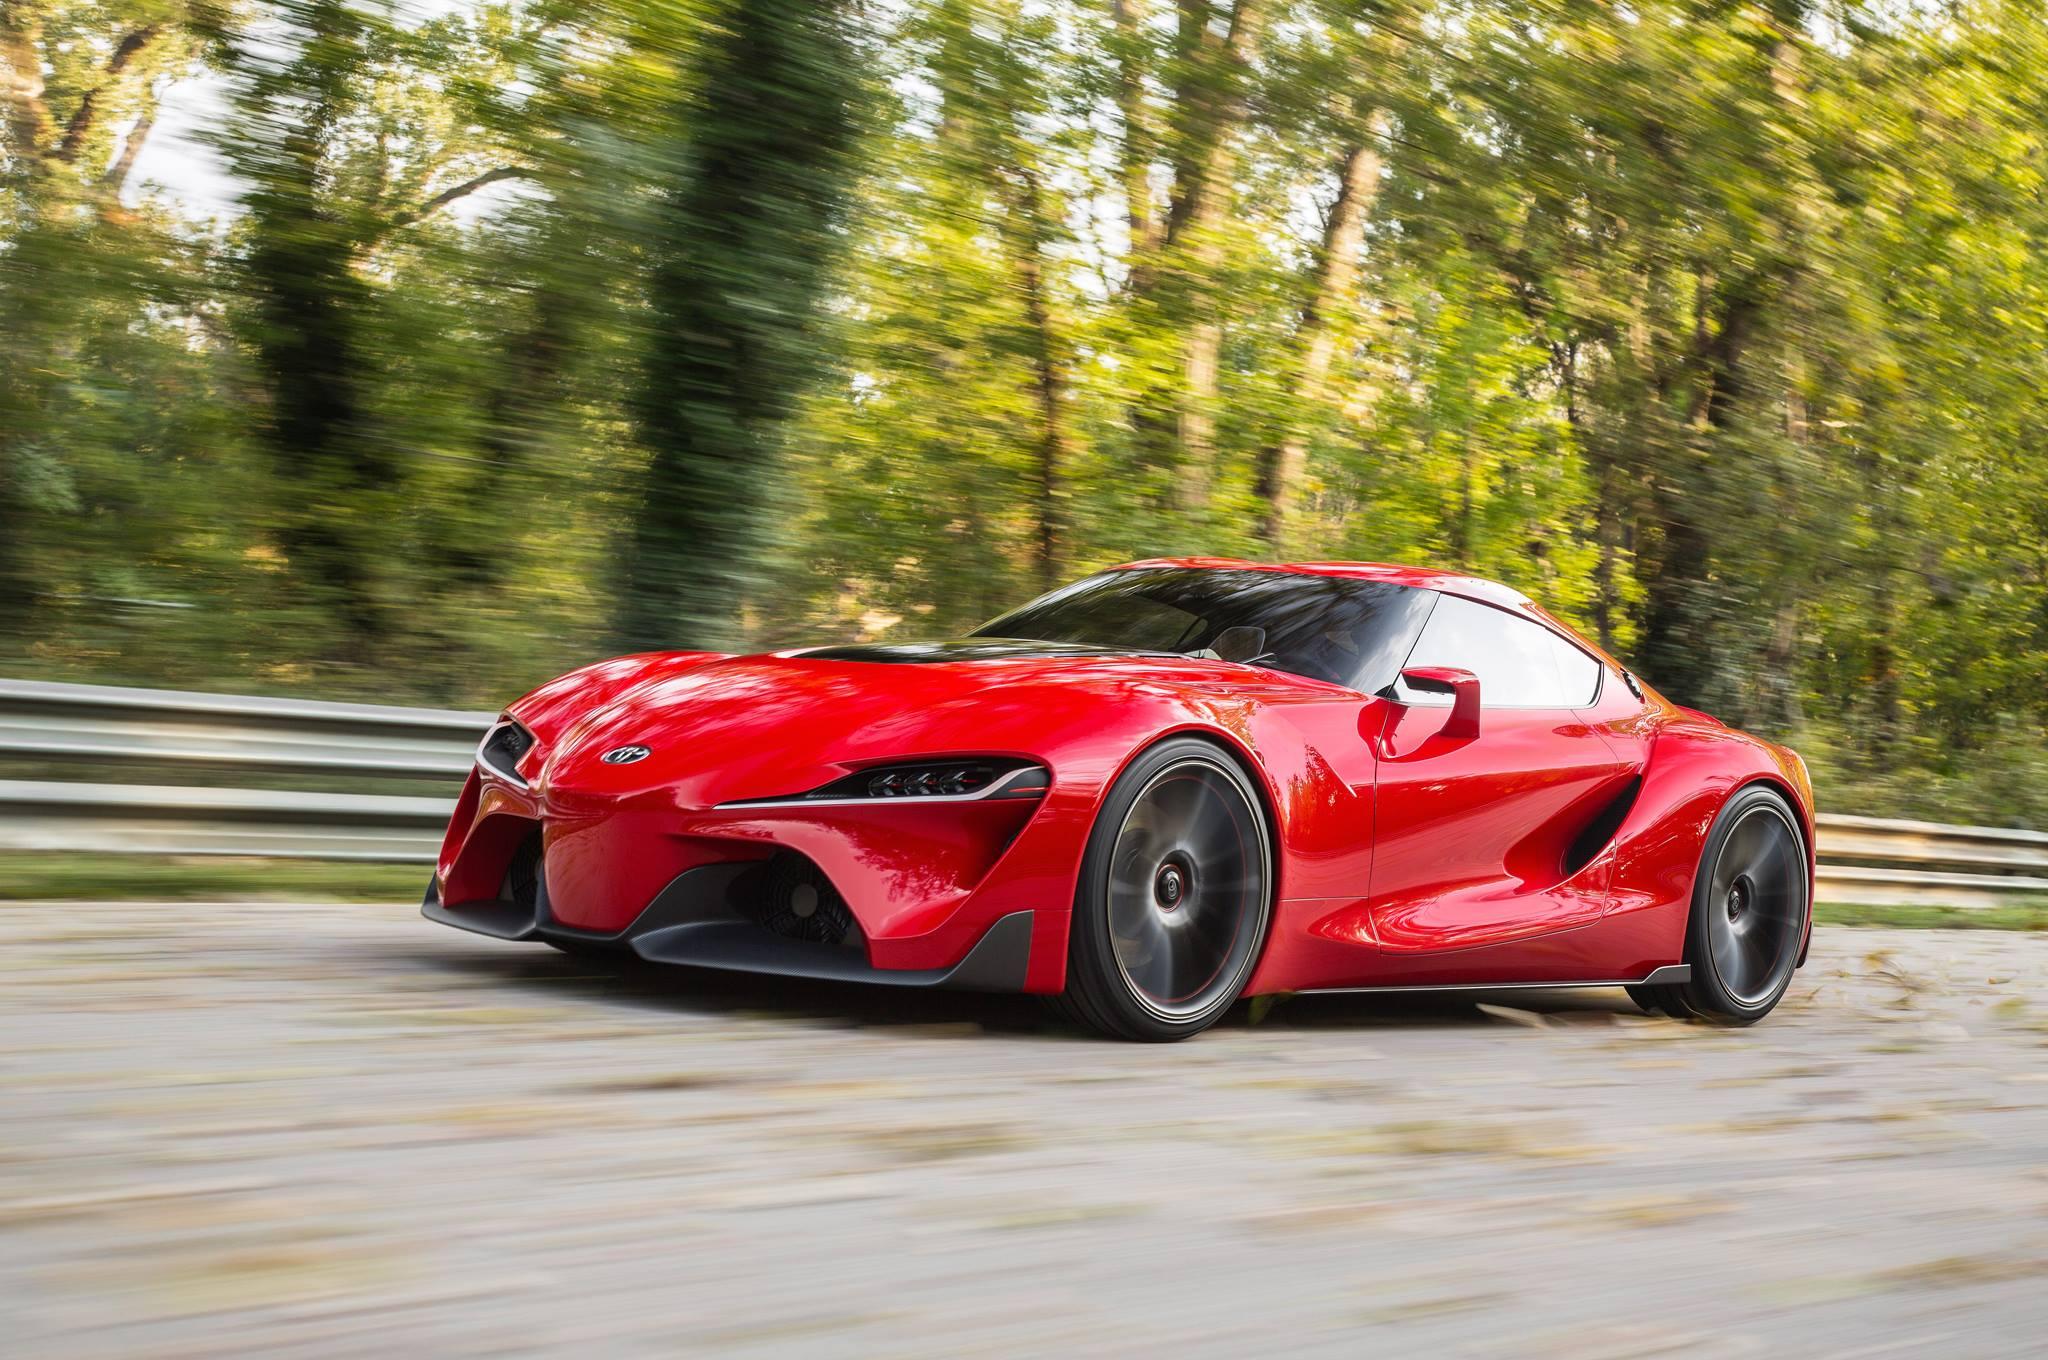 El nuevo Toyota Supra ya está muy cerca: el debut será en solo unos meses